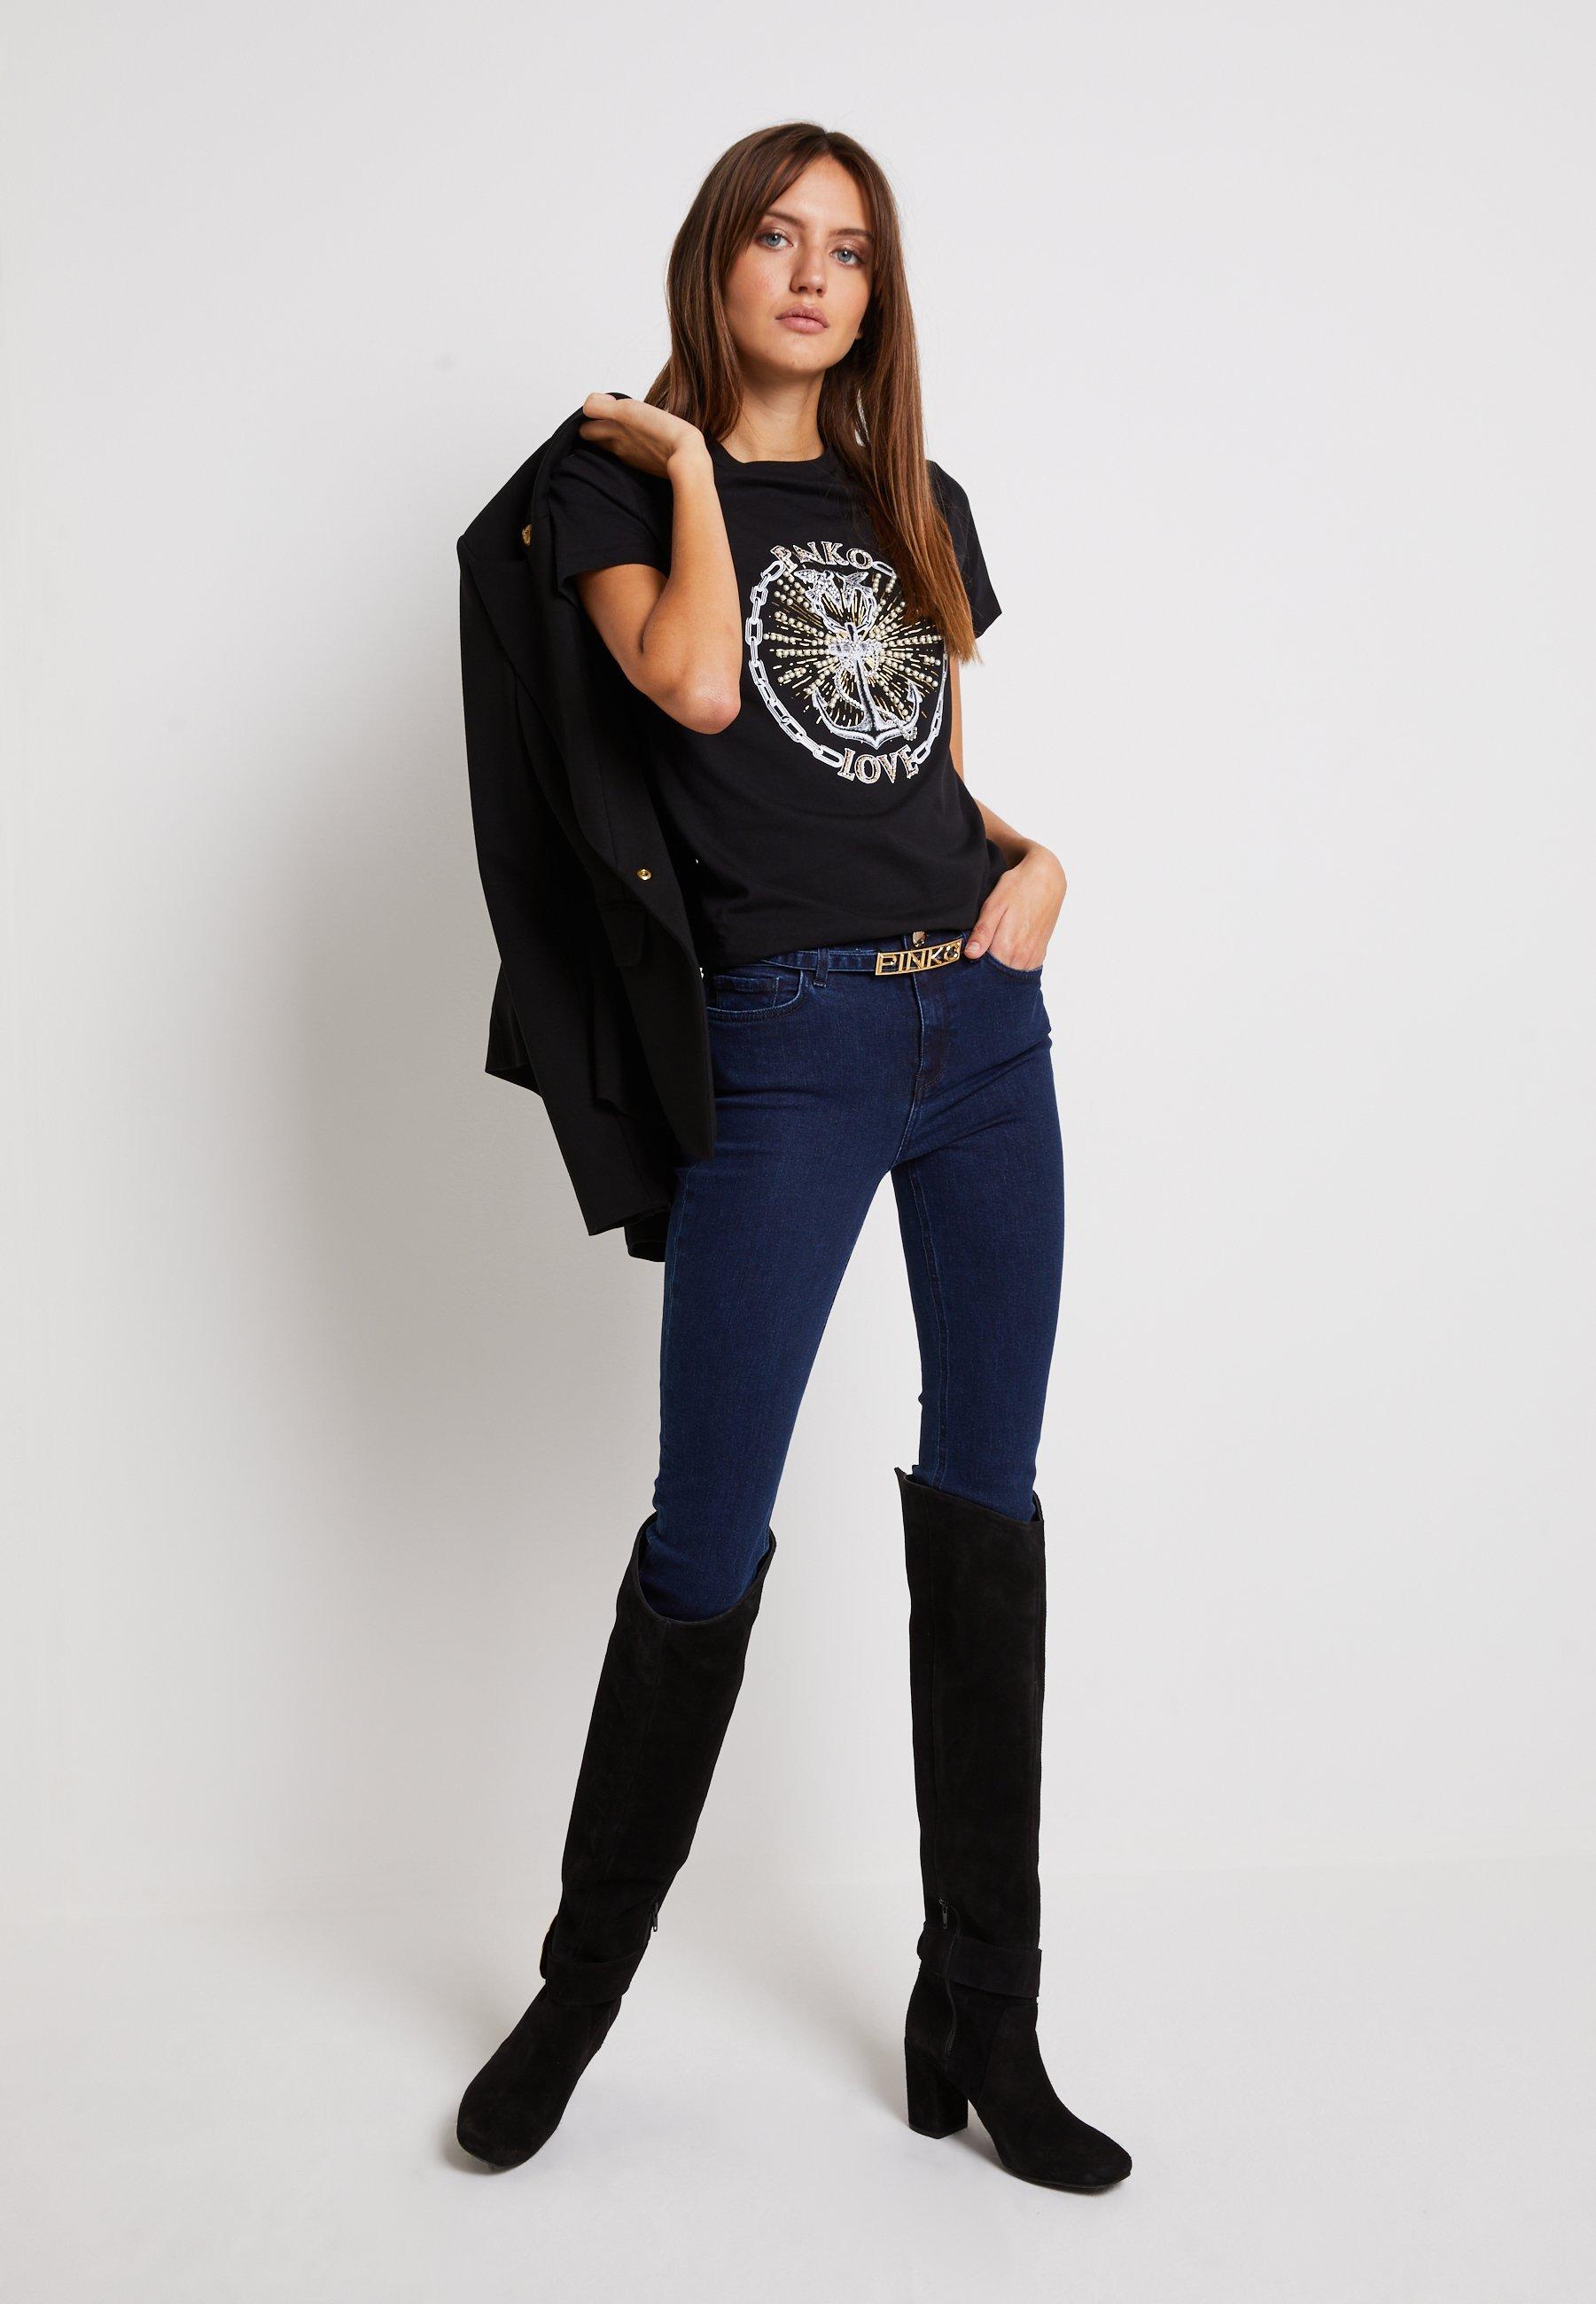 Pinko Edgardo - T-shirts Med Print Nero/svart